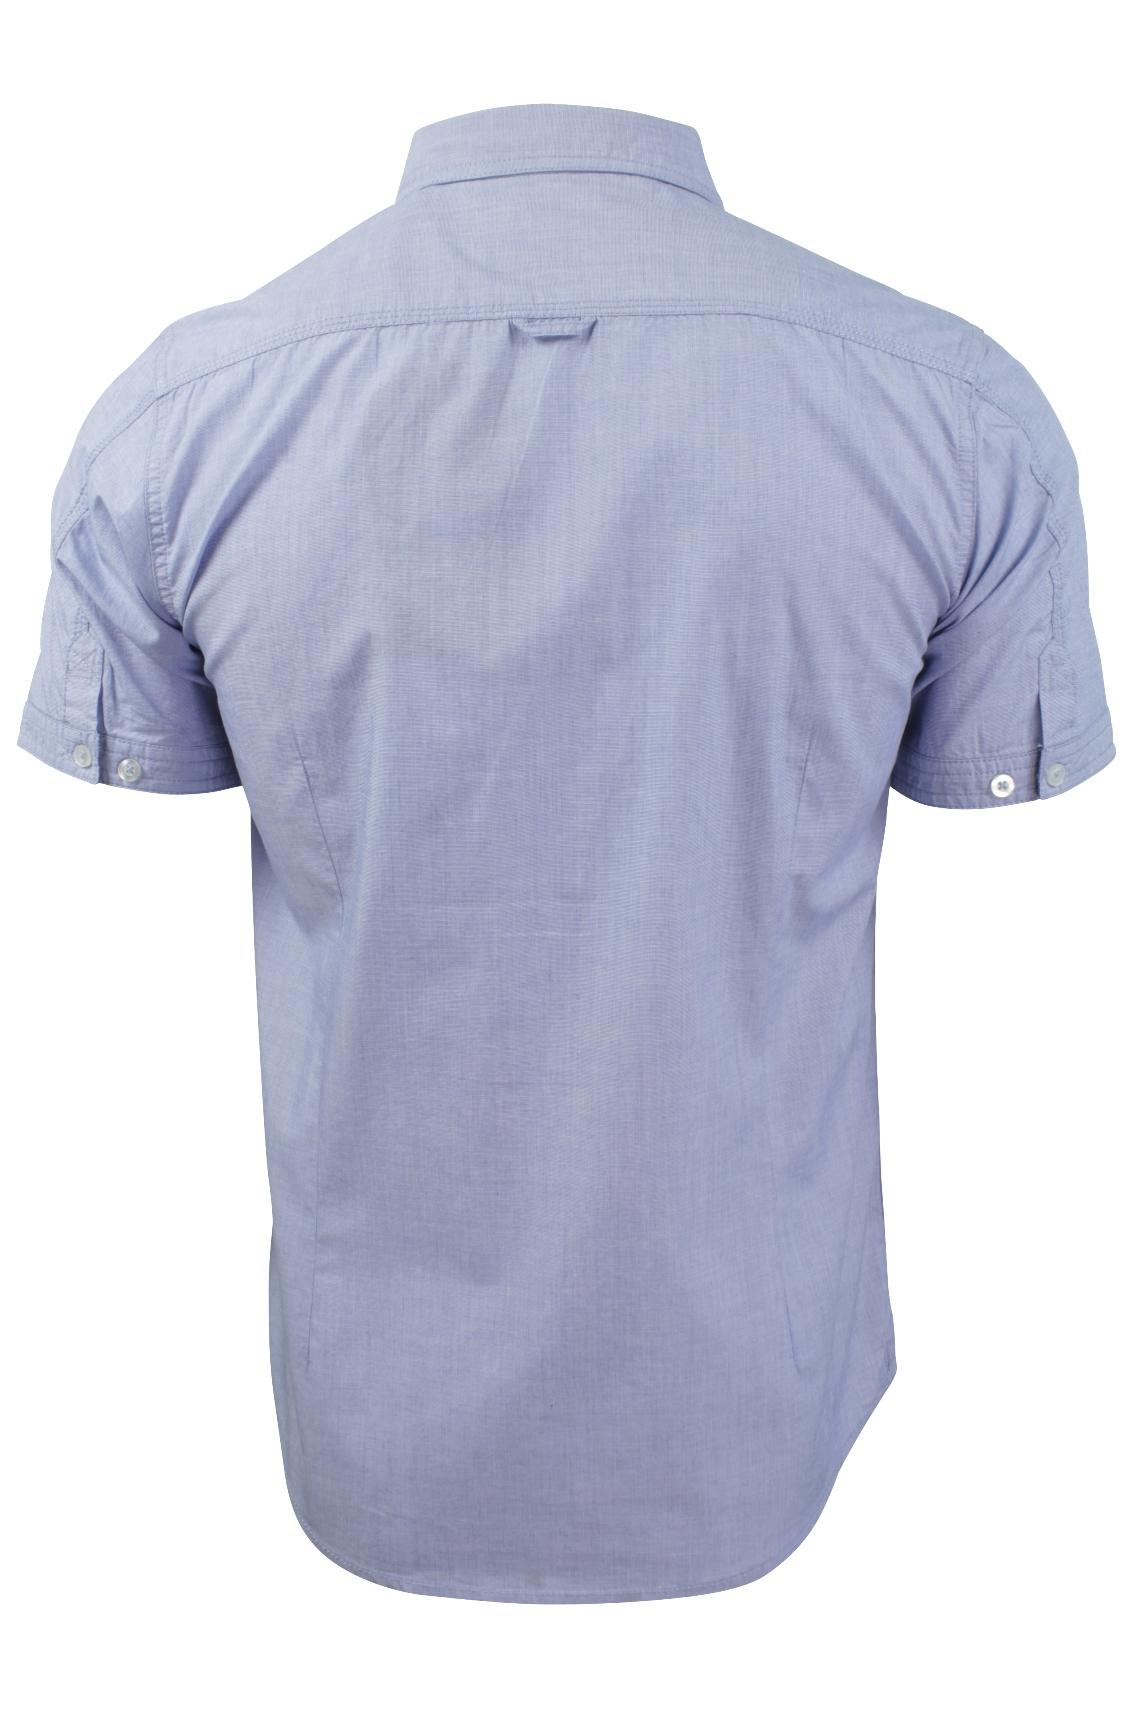 Mens-Shirt-by-Tokyo-Laundry-Short-Sleeved thumbnail 5